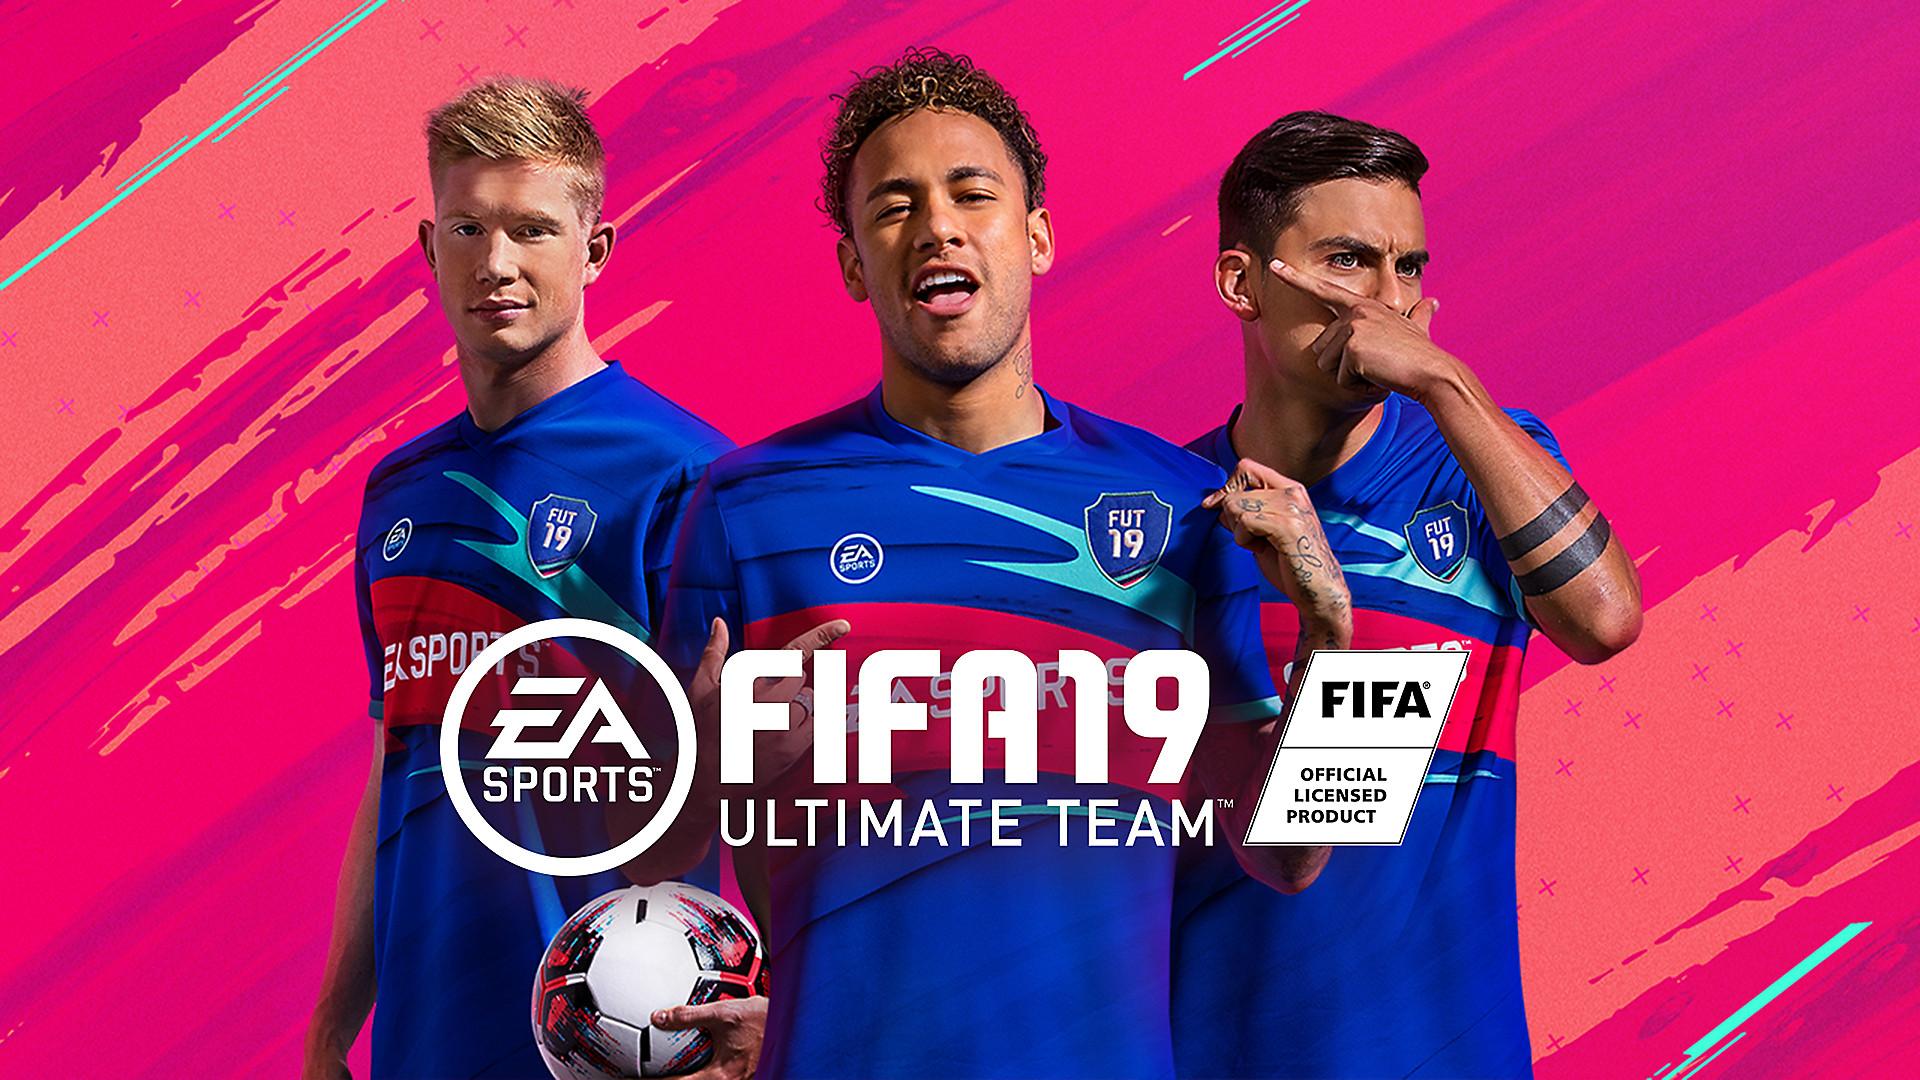 为了心爱的梅西 四名熊孩子在《FIFA19》抽干父亲银行卡